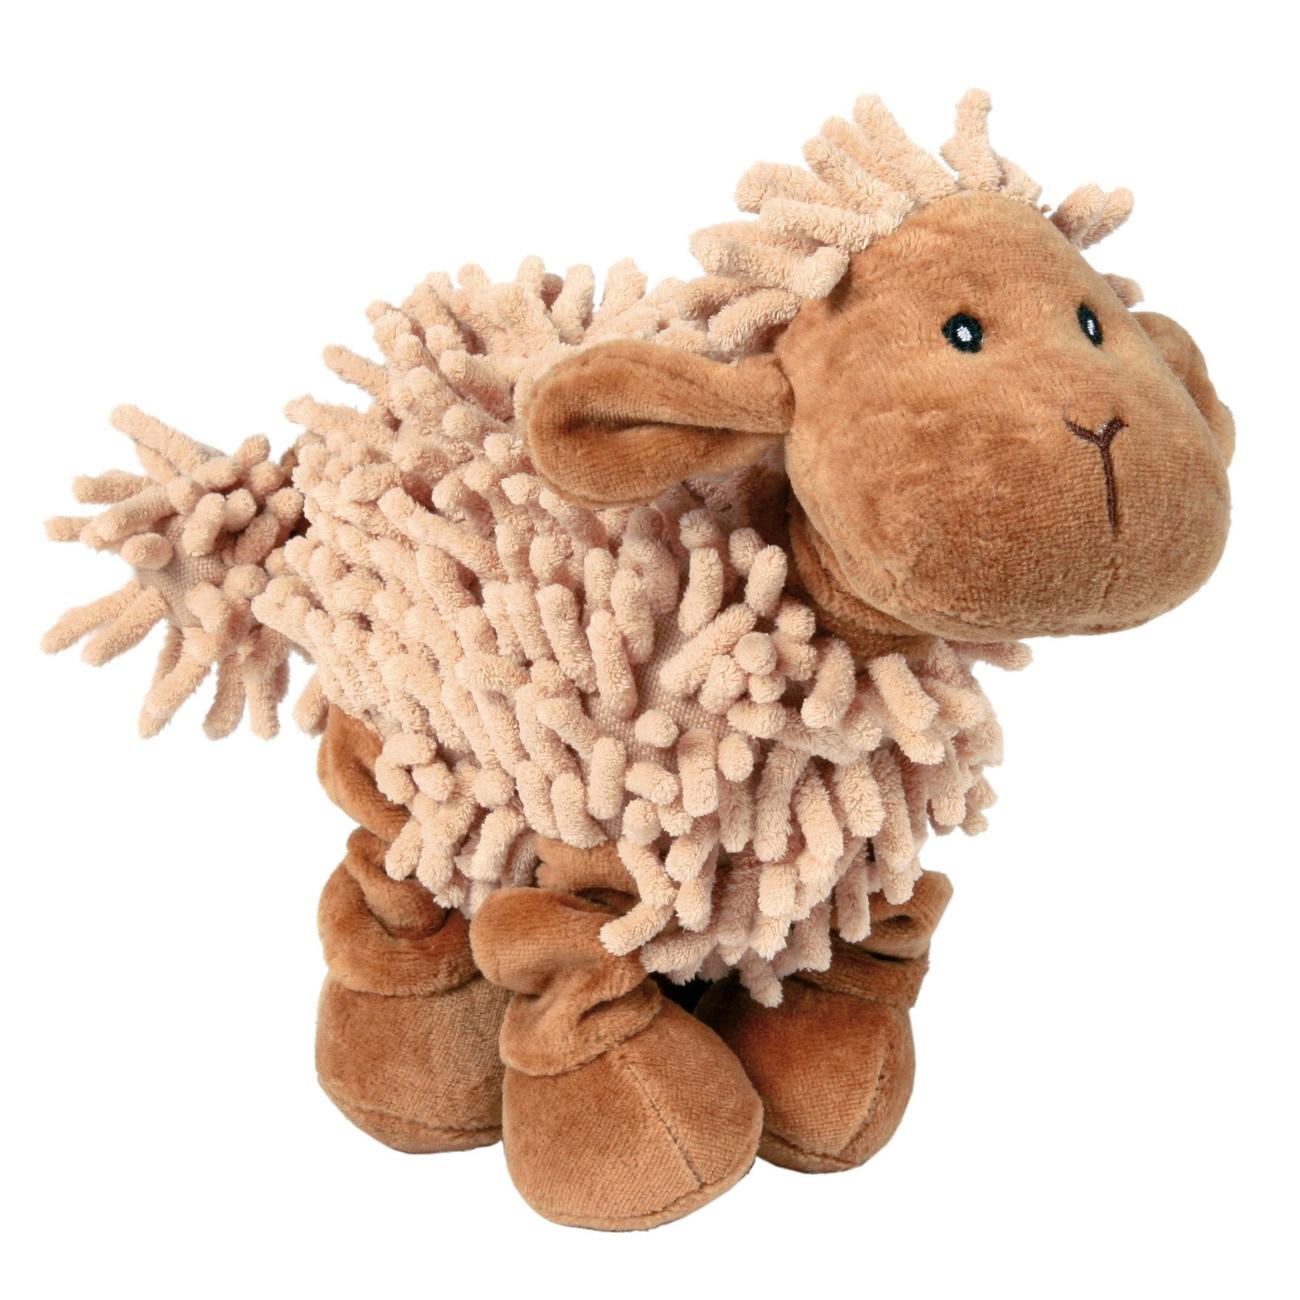 Trixie Schaf, Plüschtier für Hunde, 21 cm